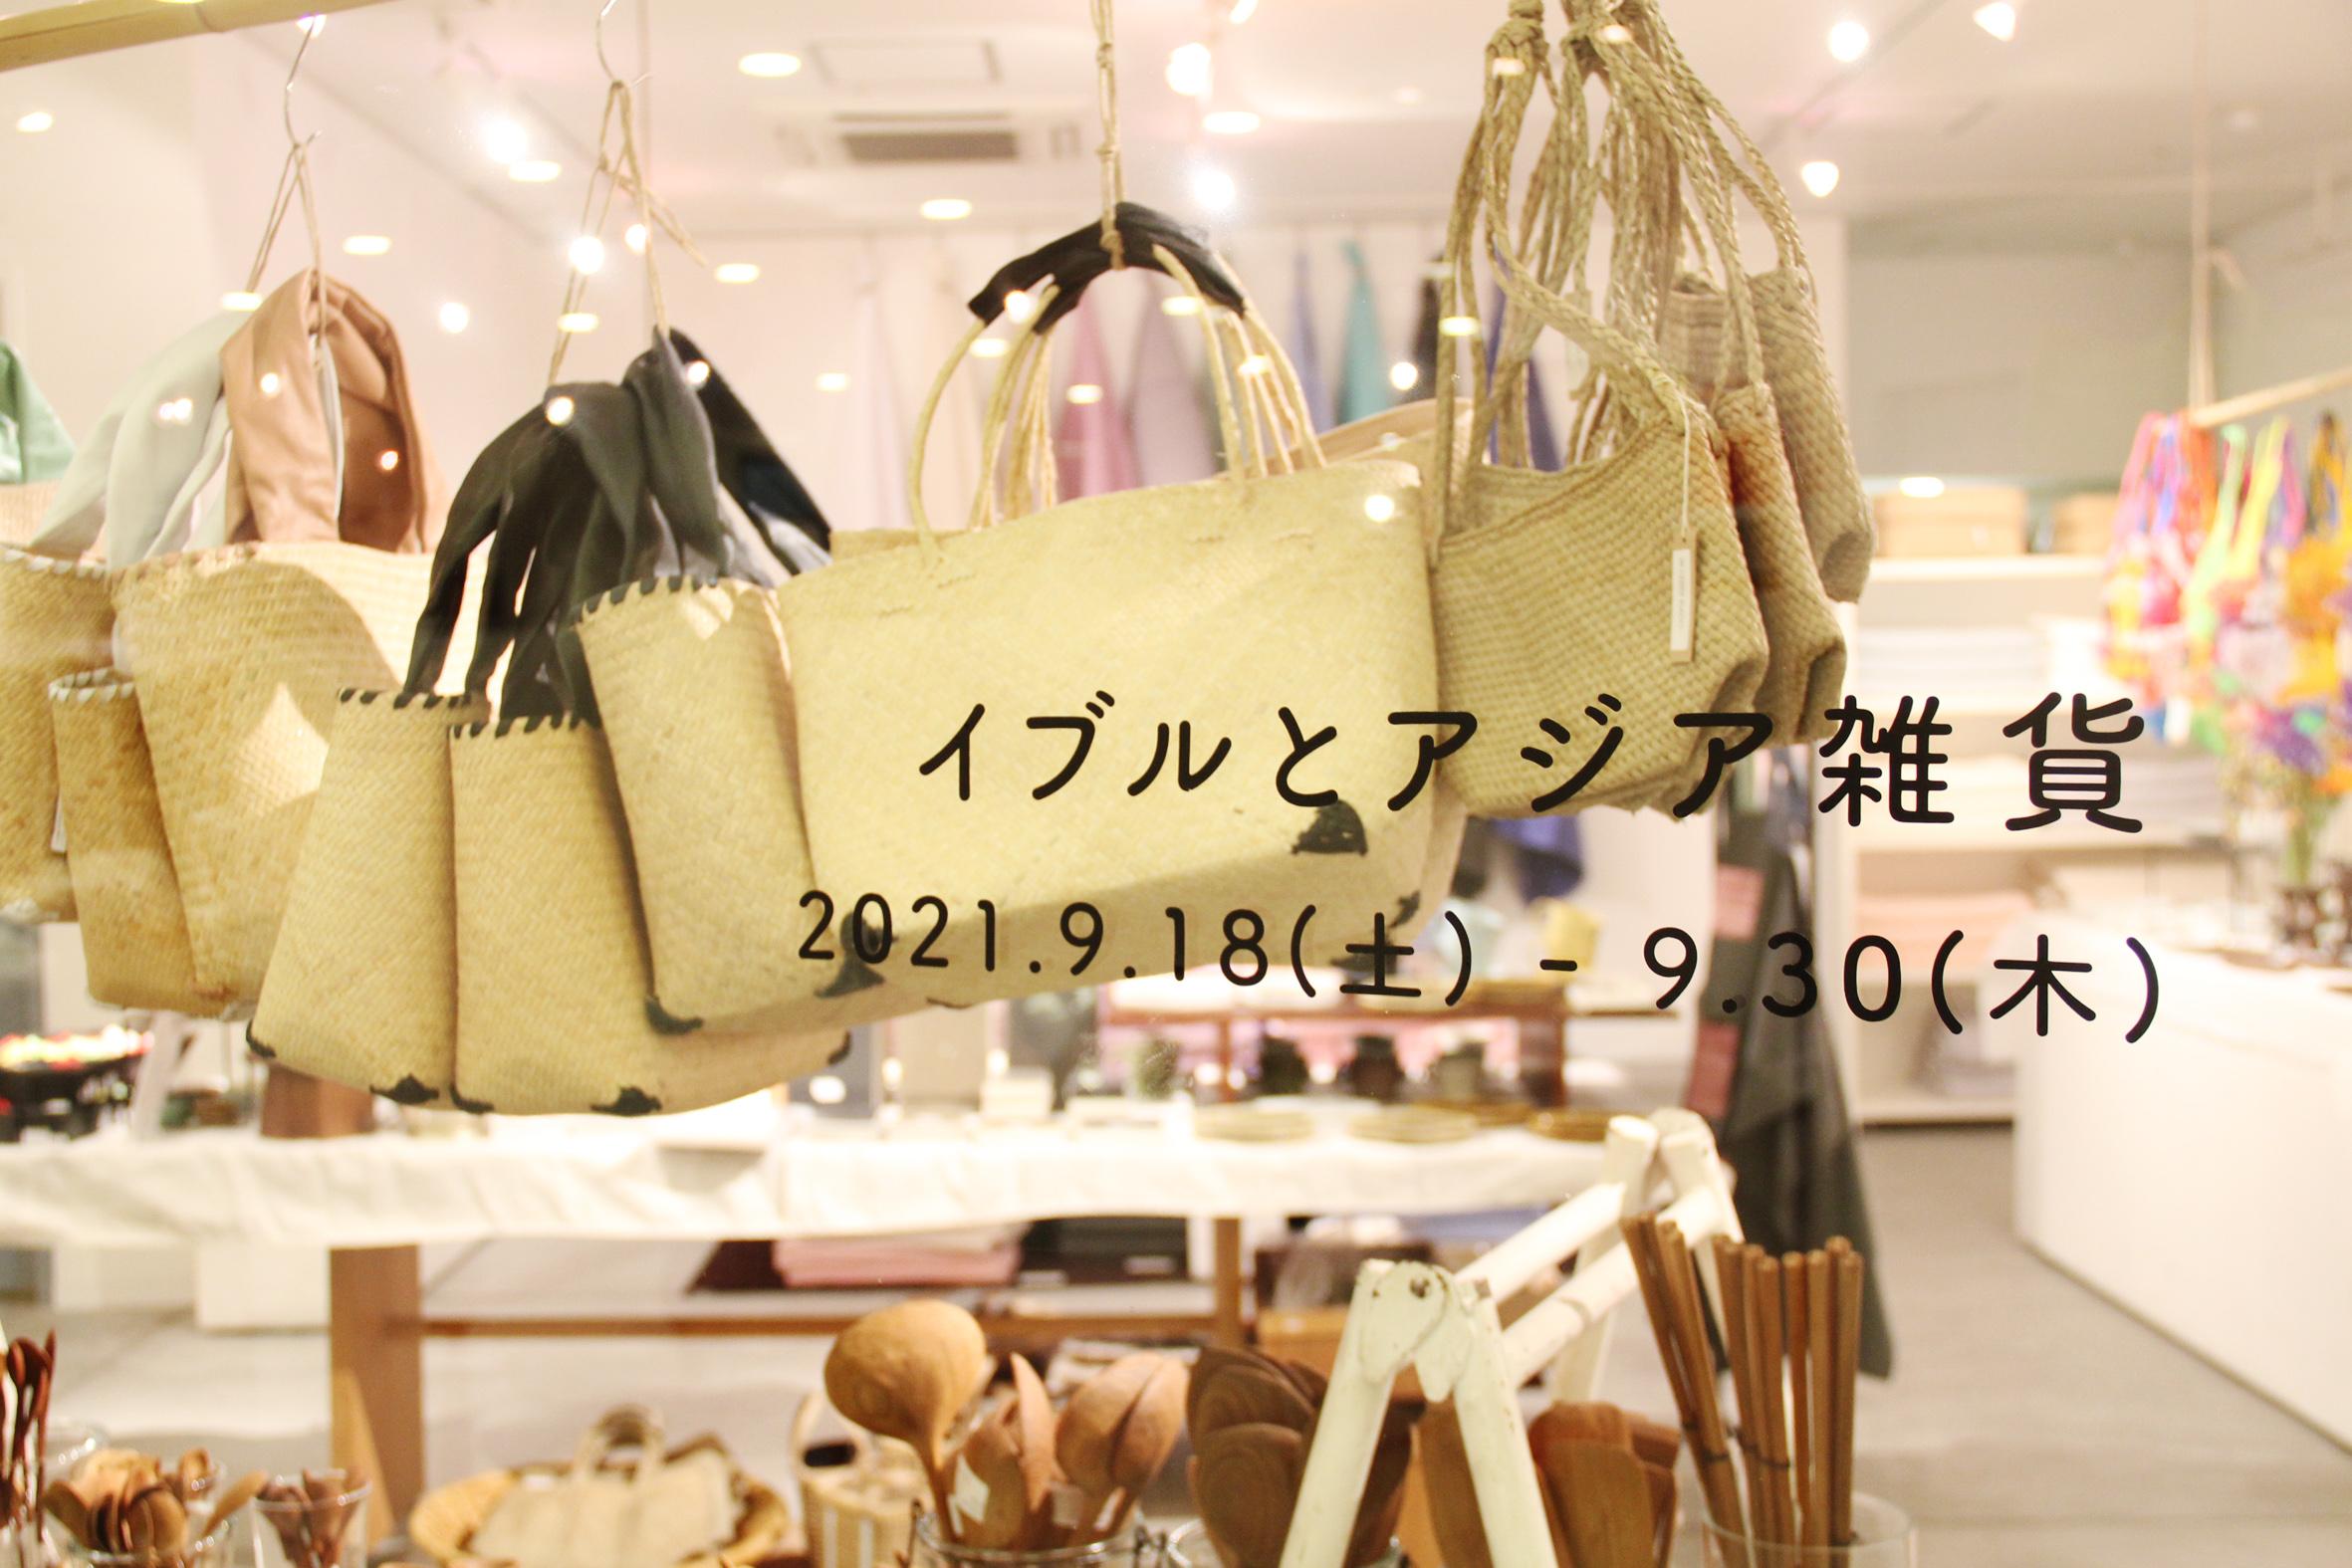 https://www.schule.jp/hibinokoto/IMG_1526_r.jpg